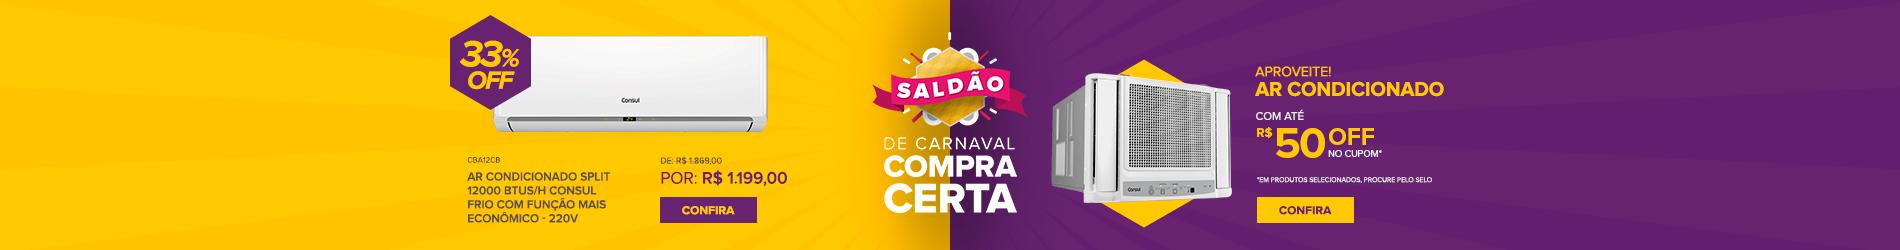 Promoção Interna - 2254 - saldao-carnaval_CBN12BB-cupomar-duplo_14022018_home4 - CBN12BB-cupomar-duplo - 4